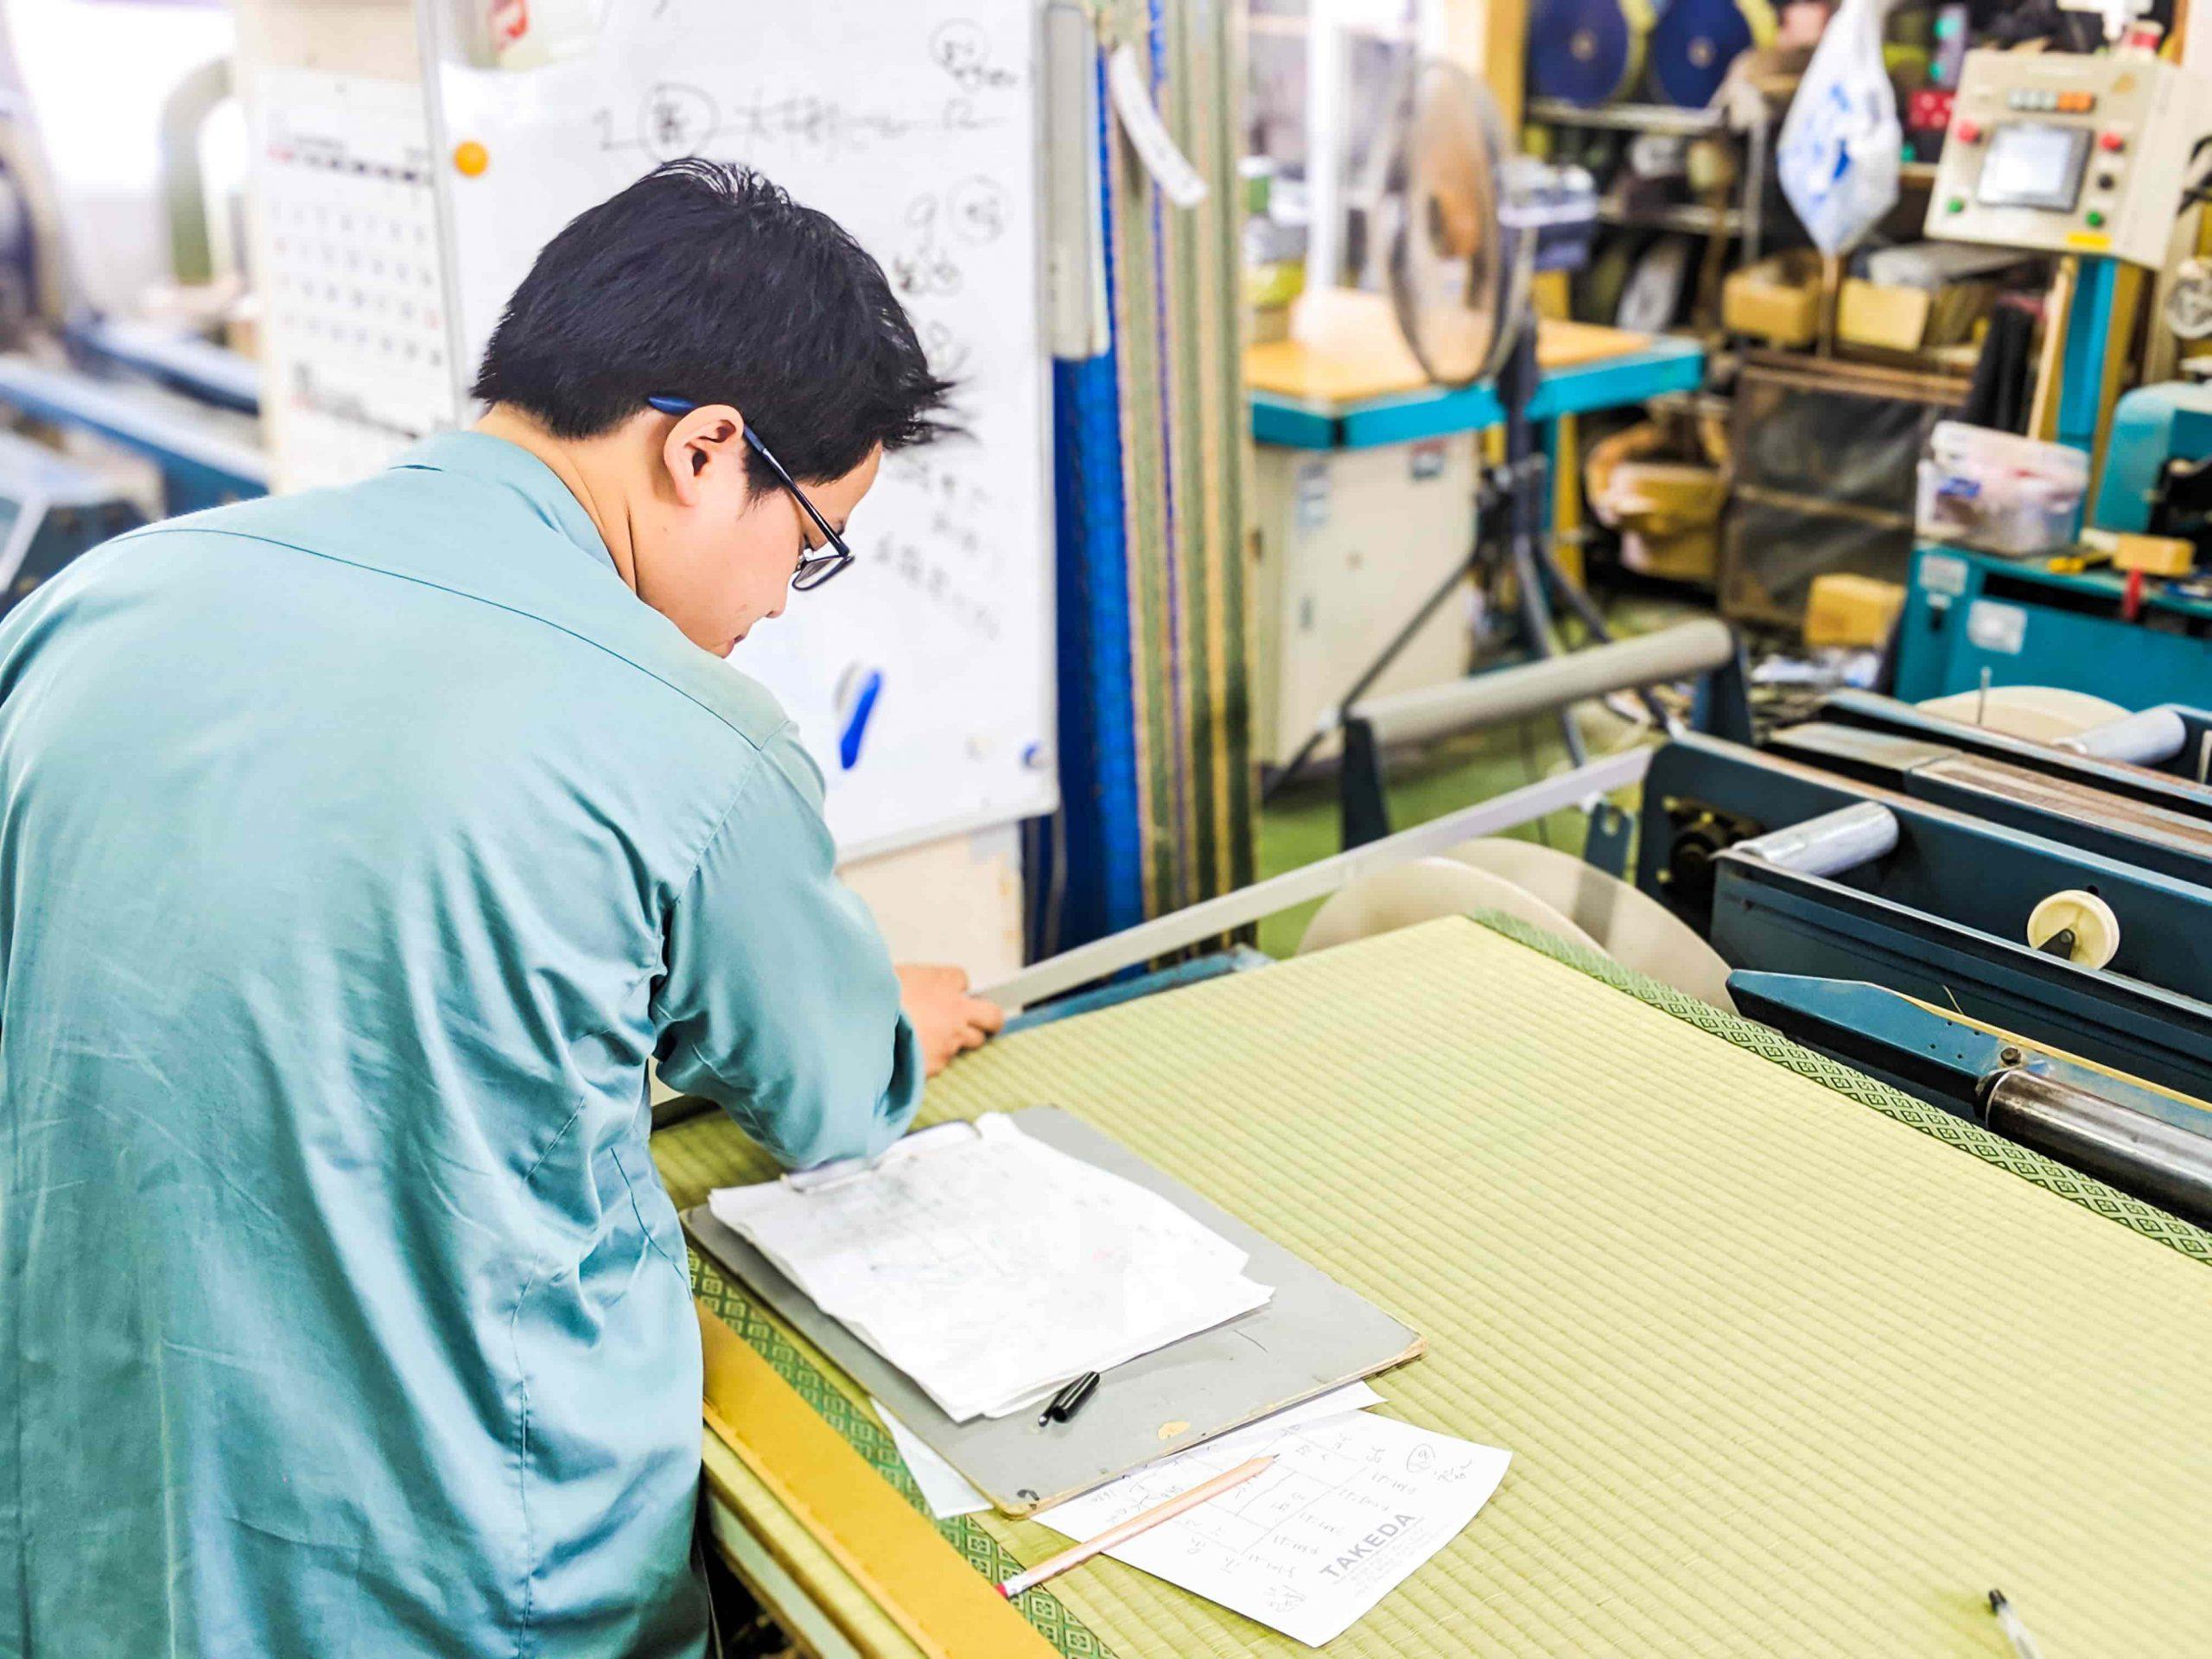 小倉北区。畳や襖の修復|求人・採用情報|ビーアート石橋 beeartISHIBAHI